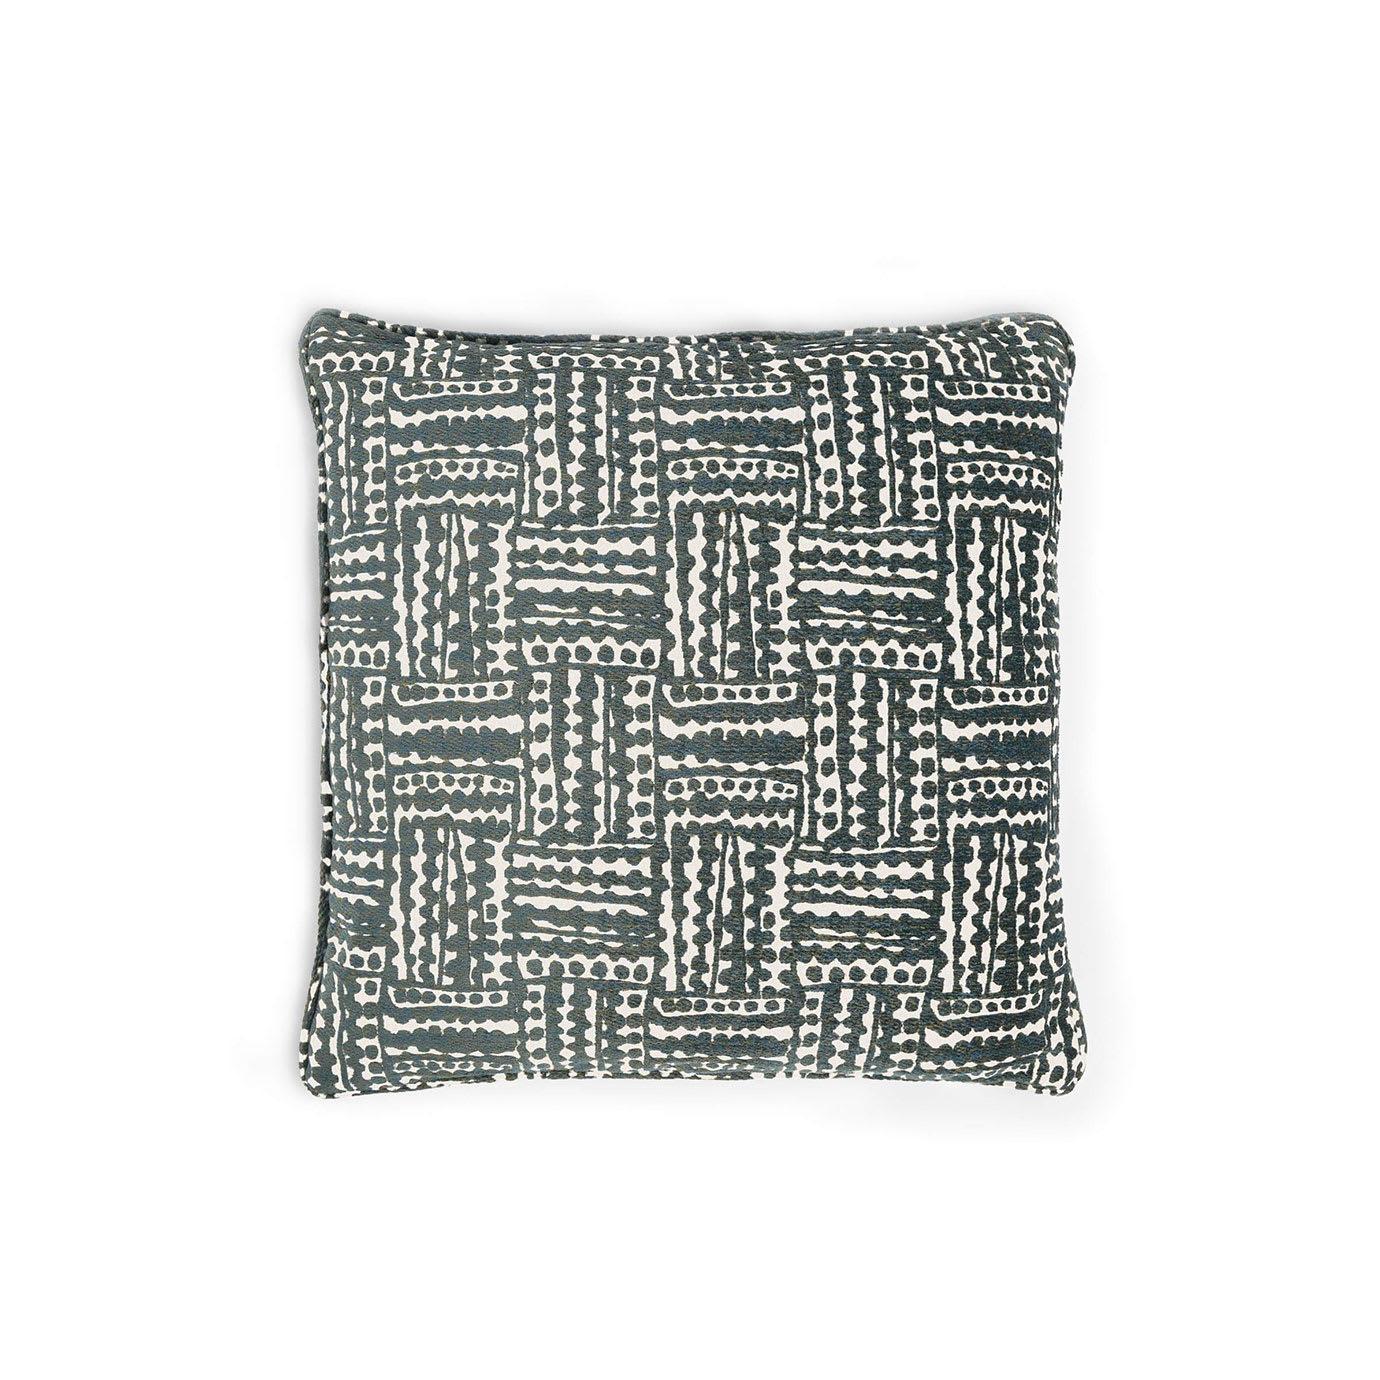 A striped cushion.